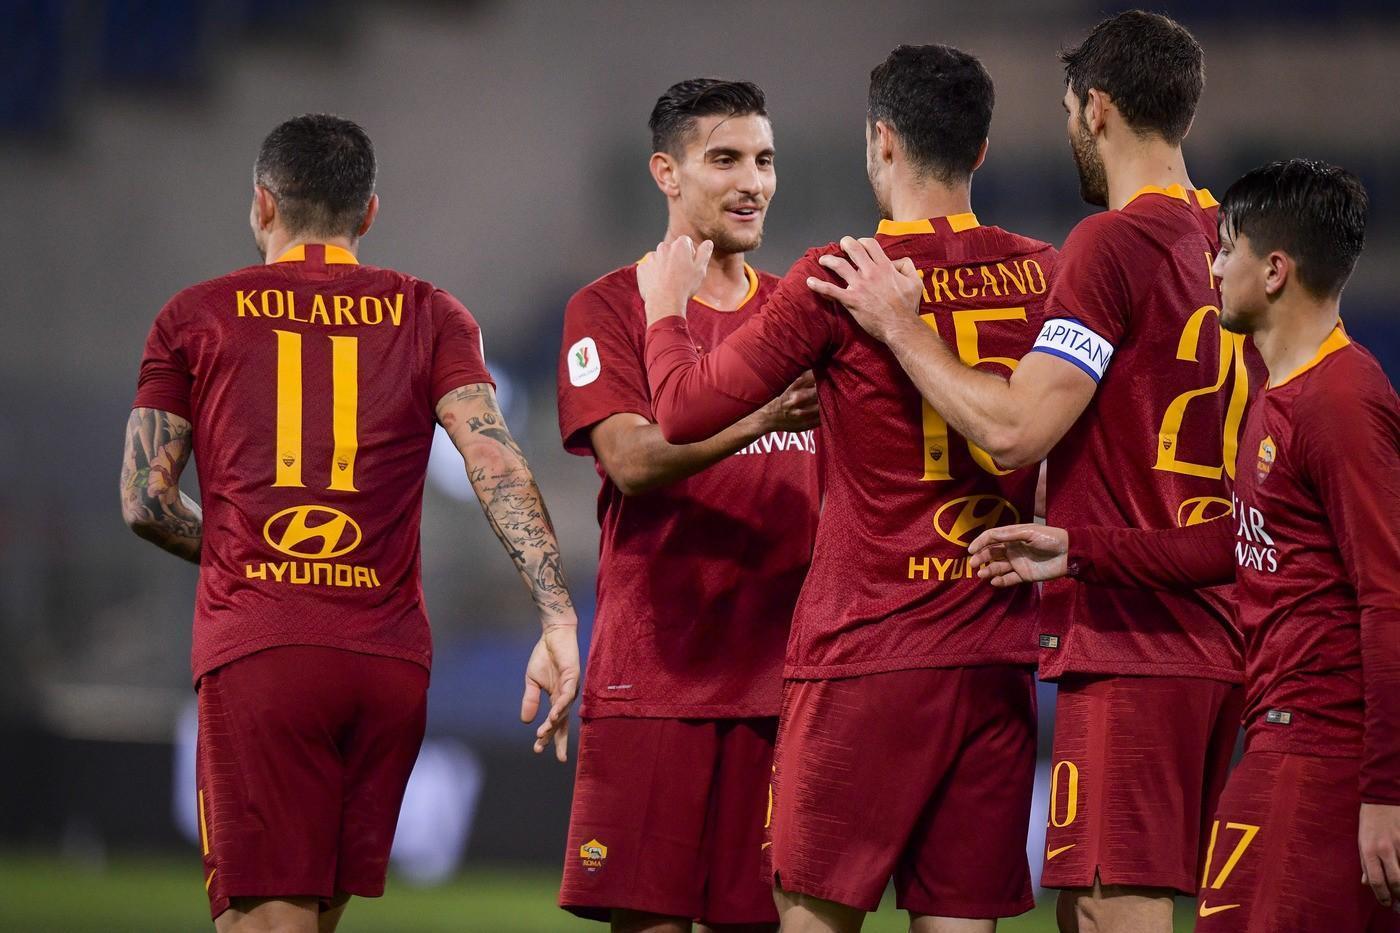 baaf31884e Roma, la cooperativa del gol: 17 giocatori a segno, in Europa meglio ...